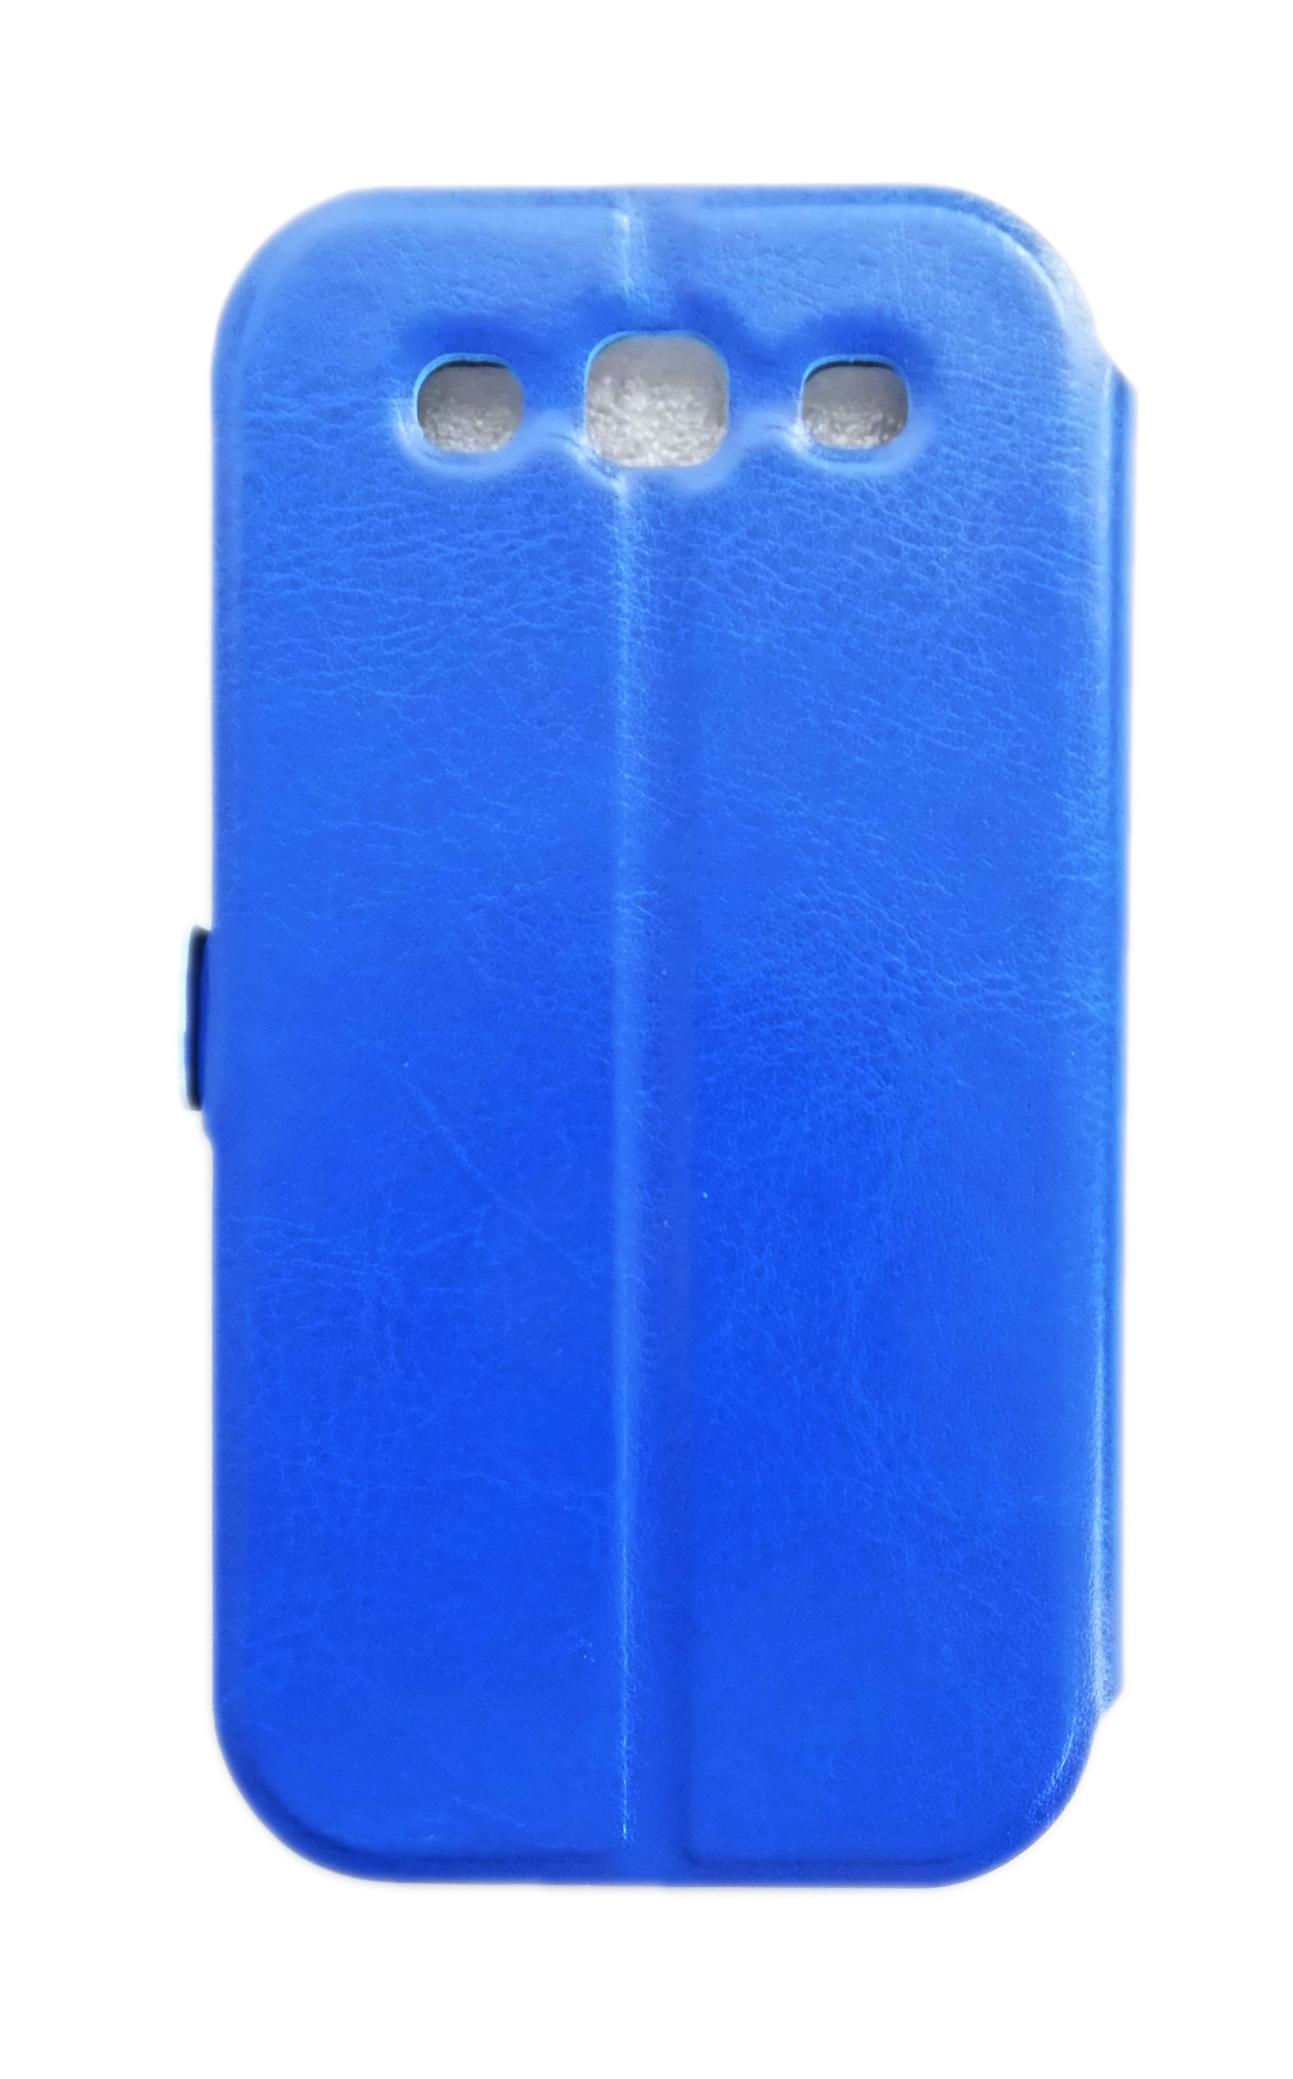 Galaxy-S3-I9300-Handytasche-Schutz-Flip-Case-Bumper-Huelle-Etui-mit-Fenster